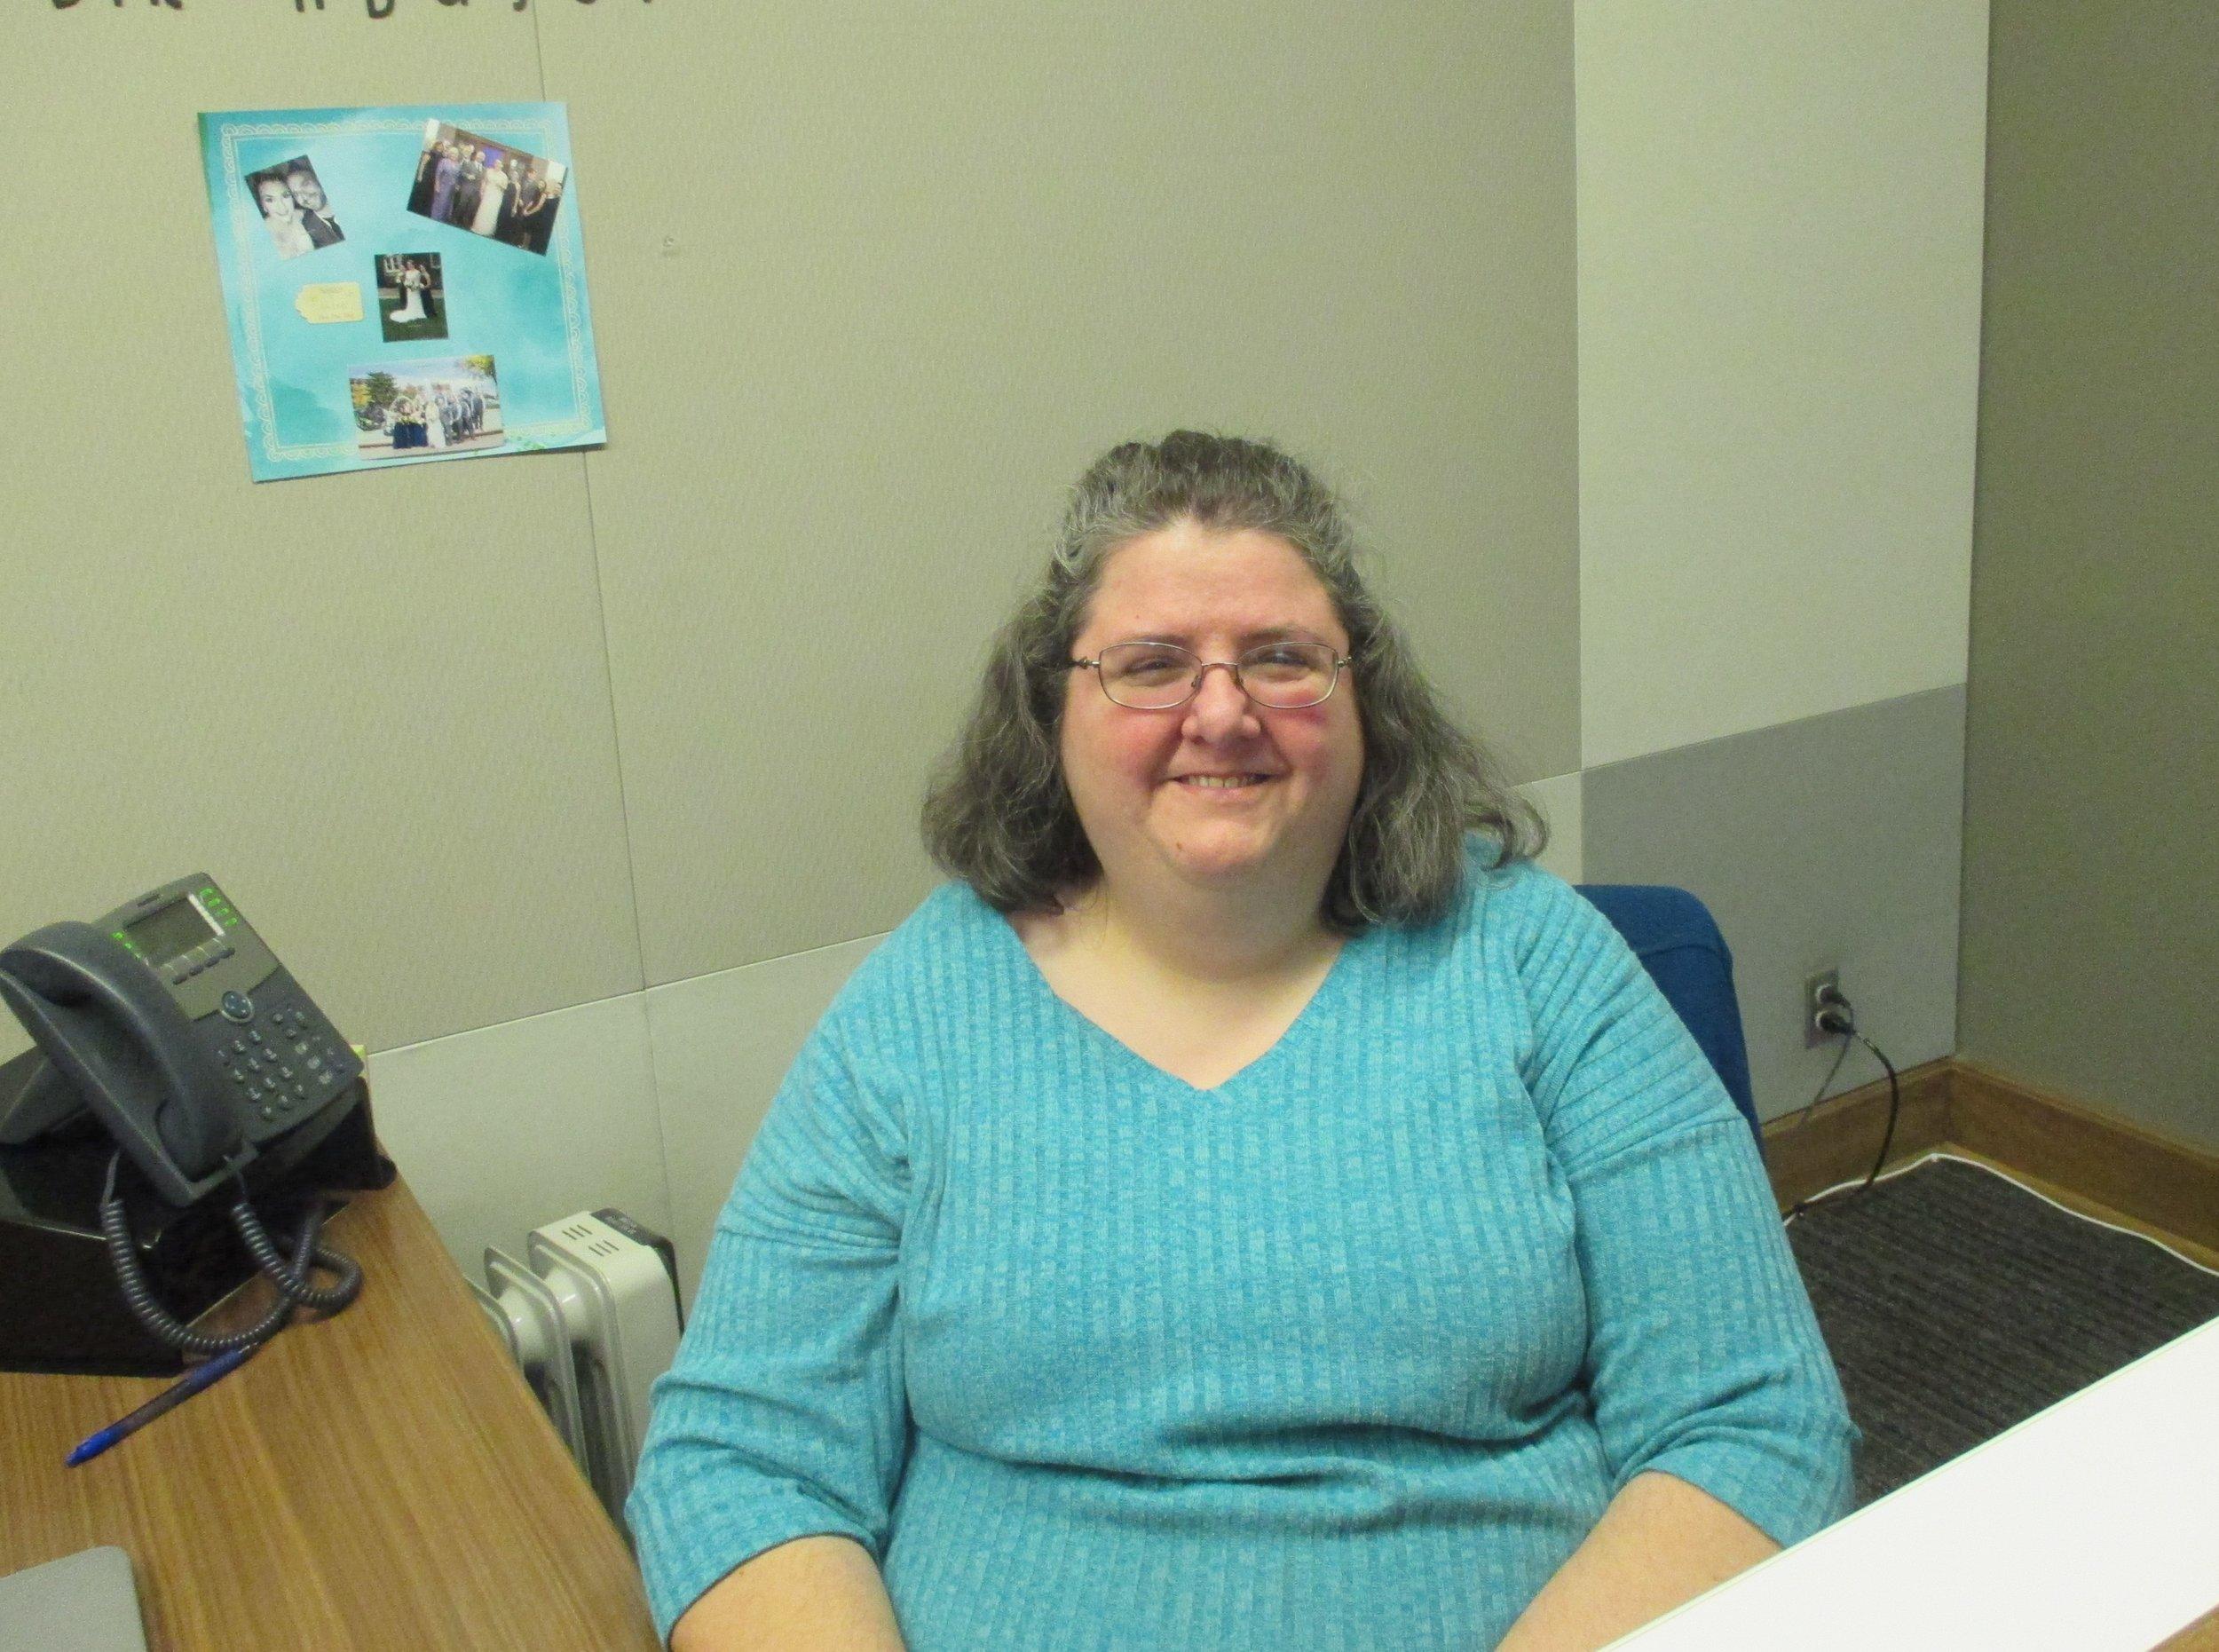 Janice Tarama, Receptionist jtarama@stpaulskcmo.org 816-931-2850